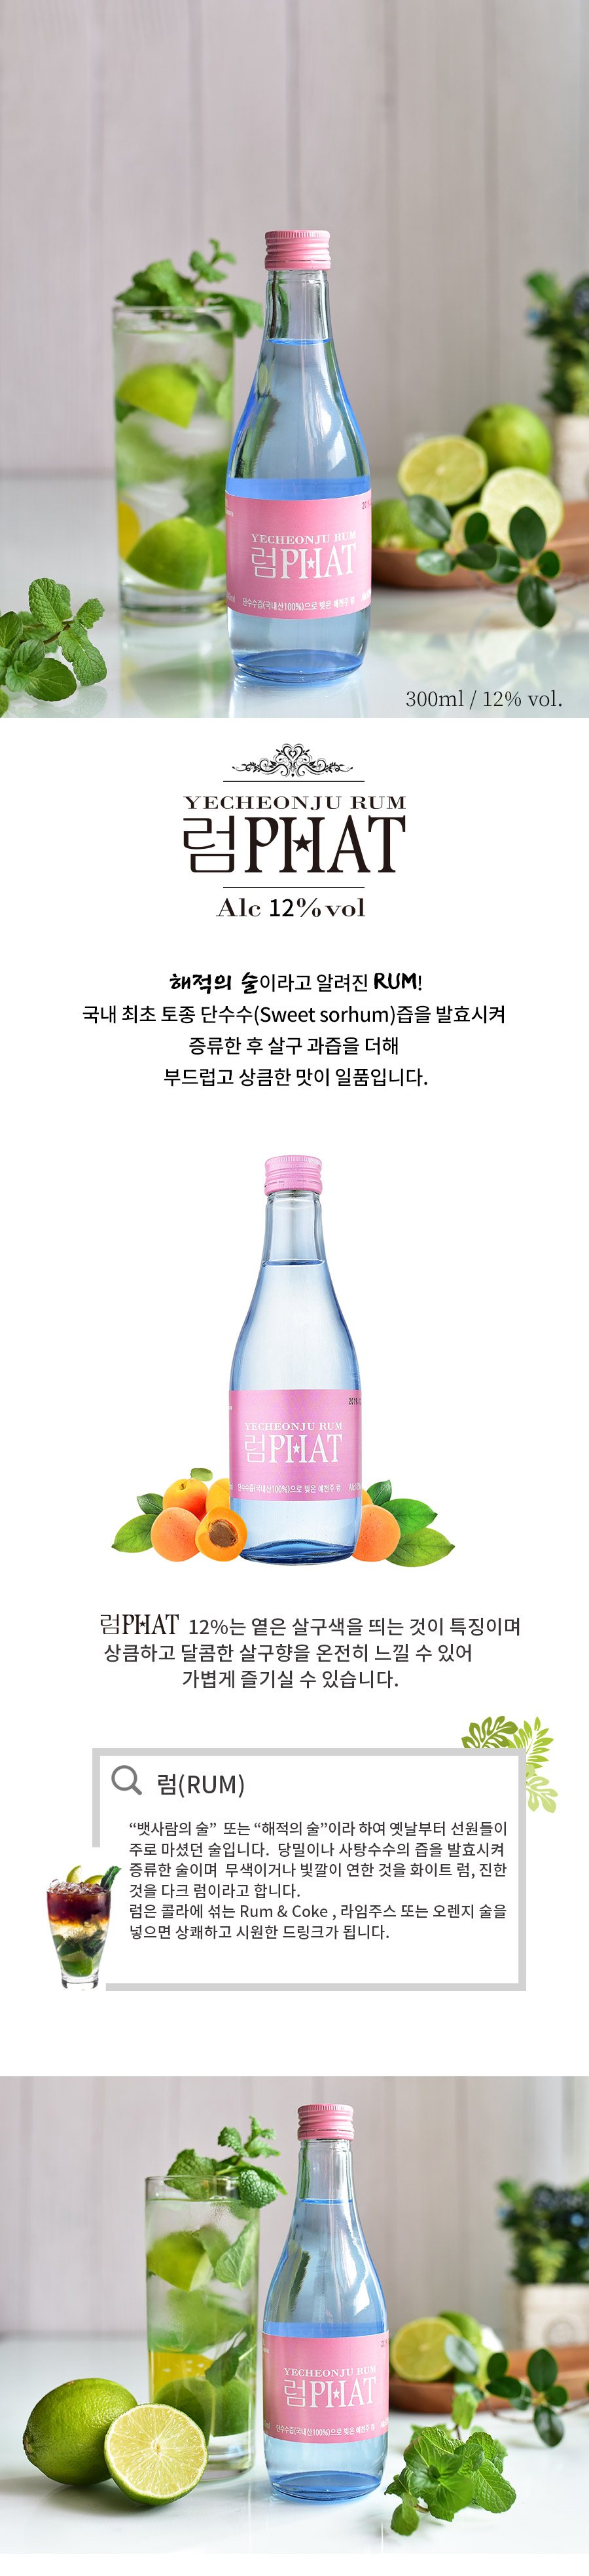 01-럼-핑크_01.jpg